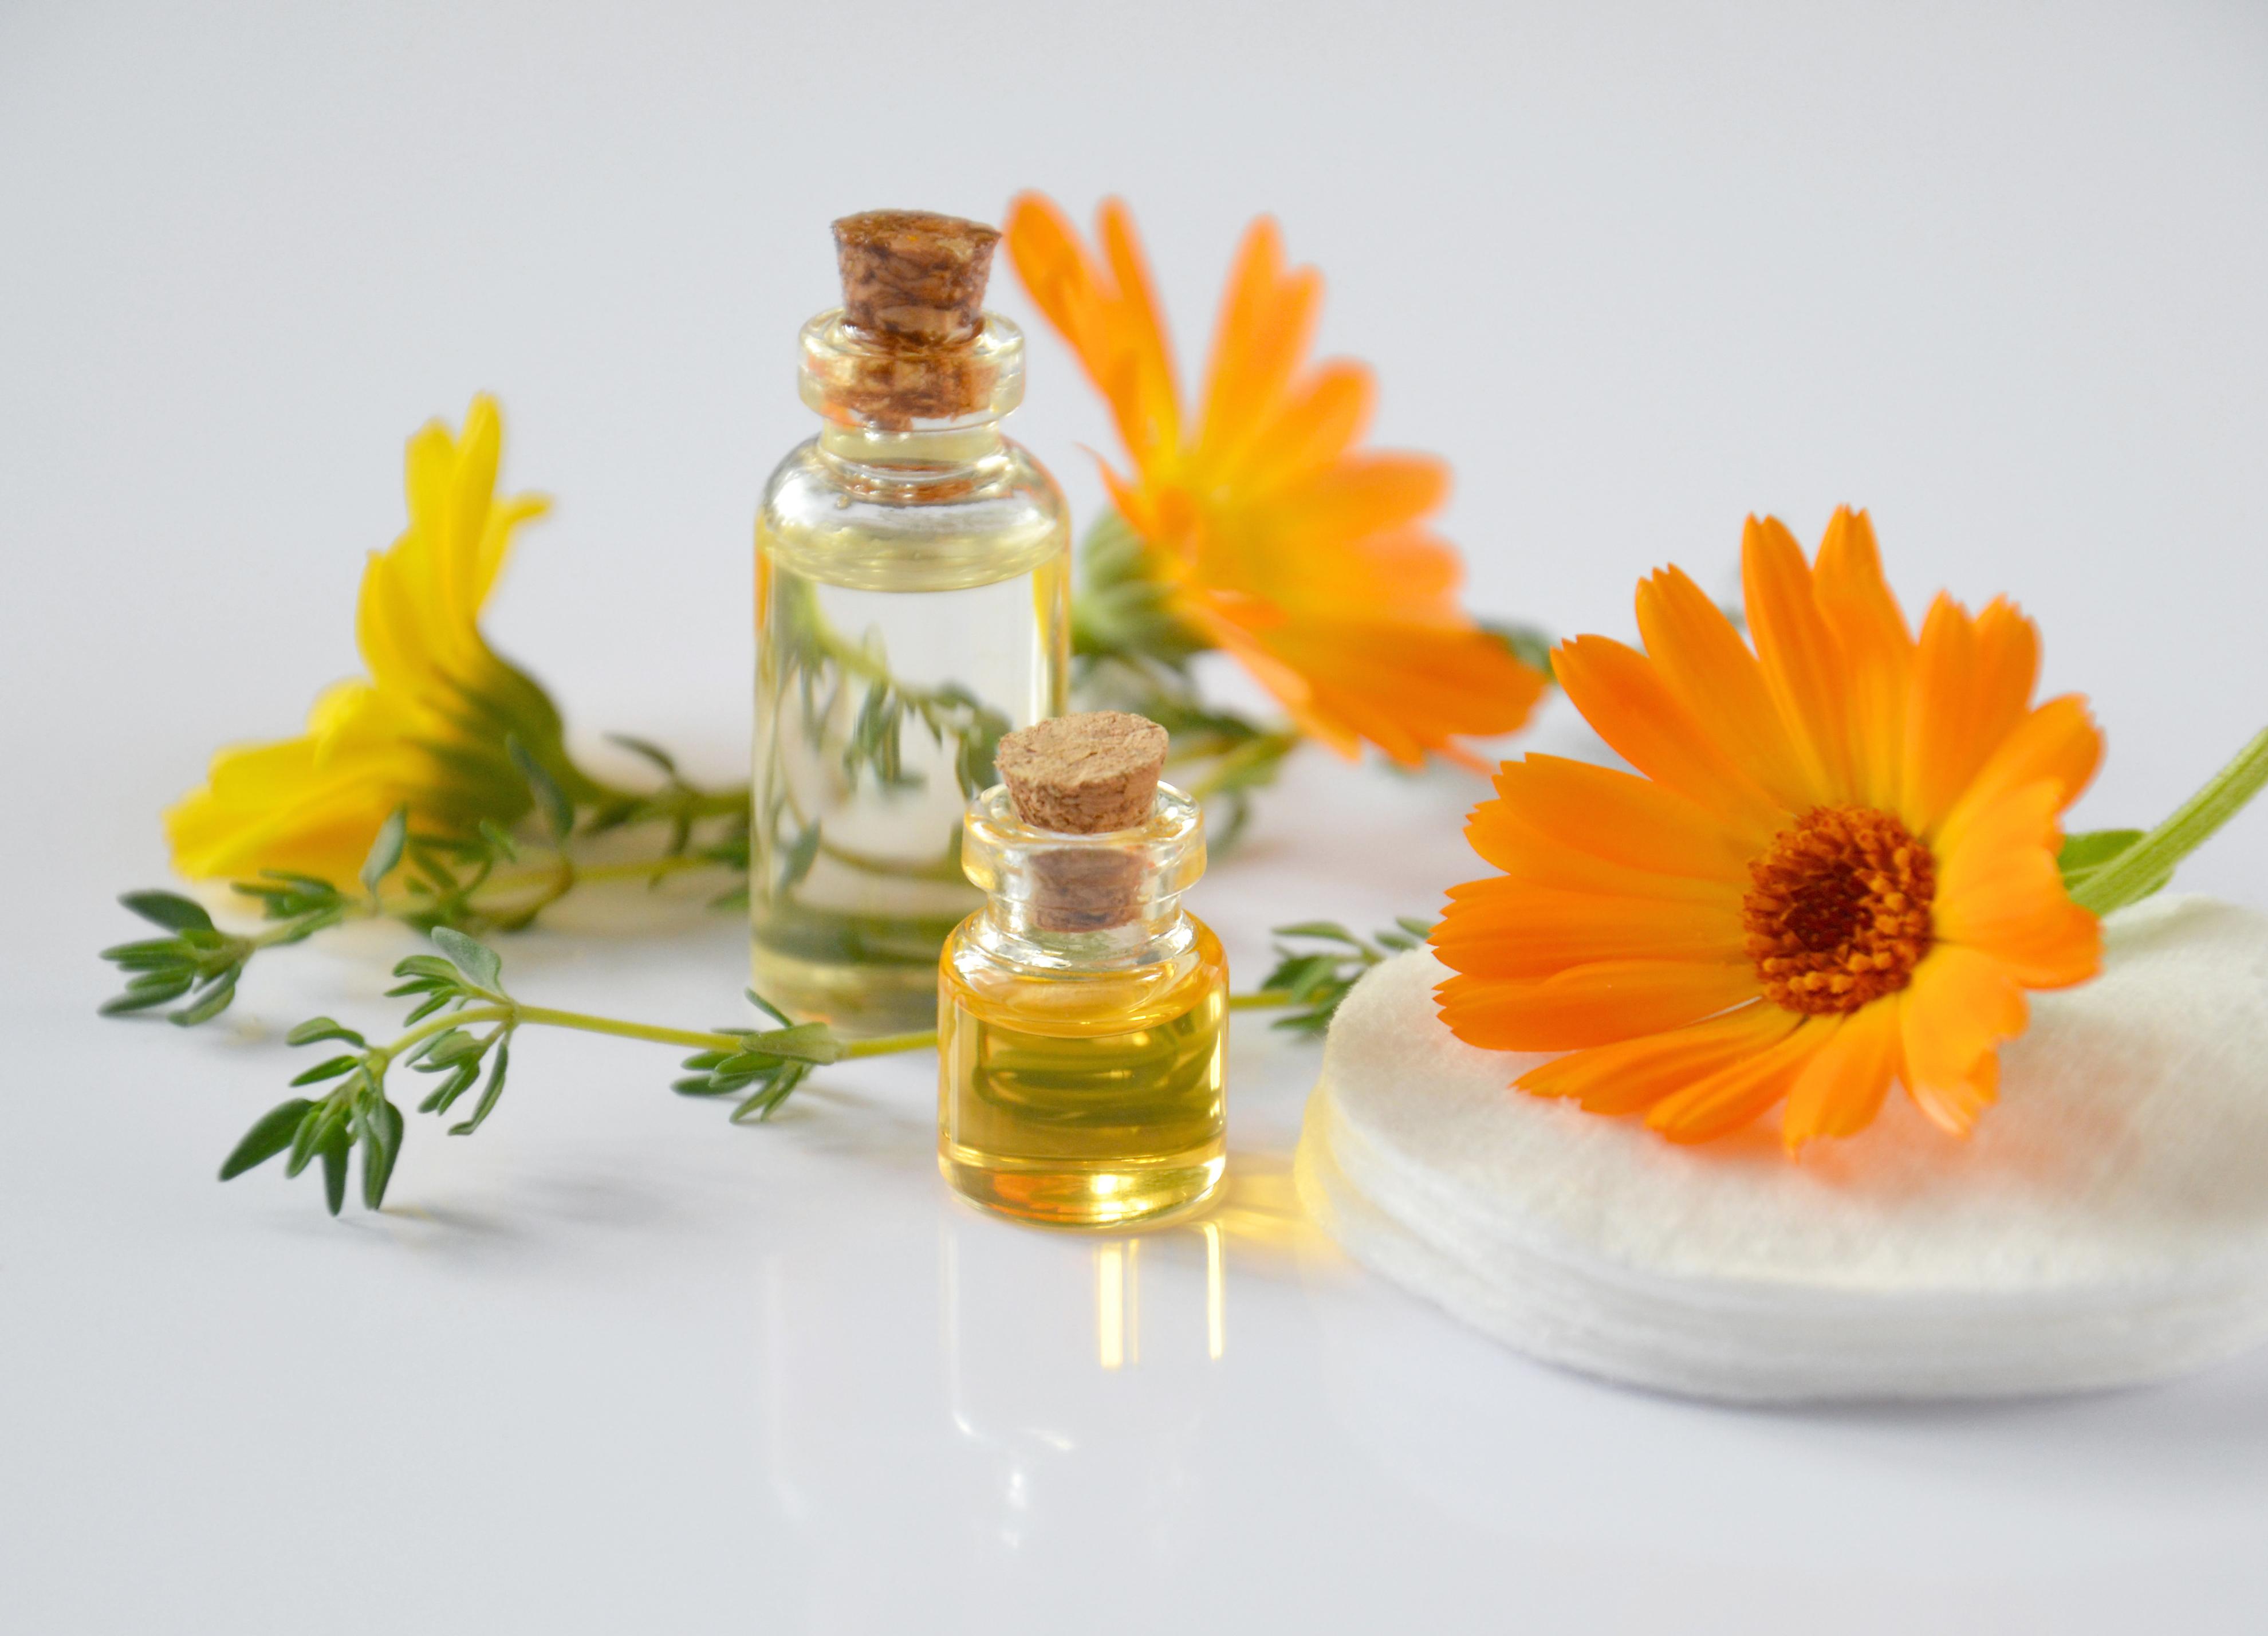 Как сделать эфирное масло в домашних условиях - Способы и рецепты 49